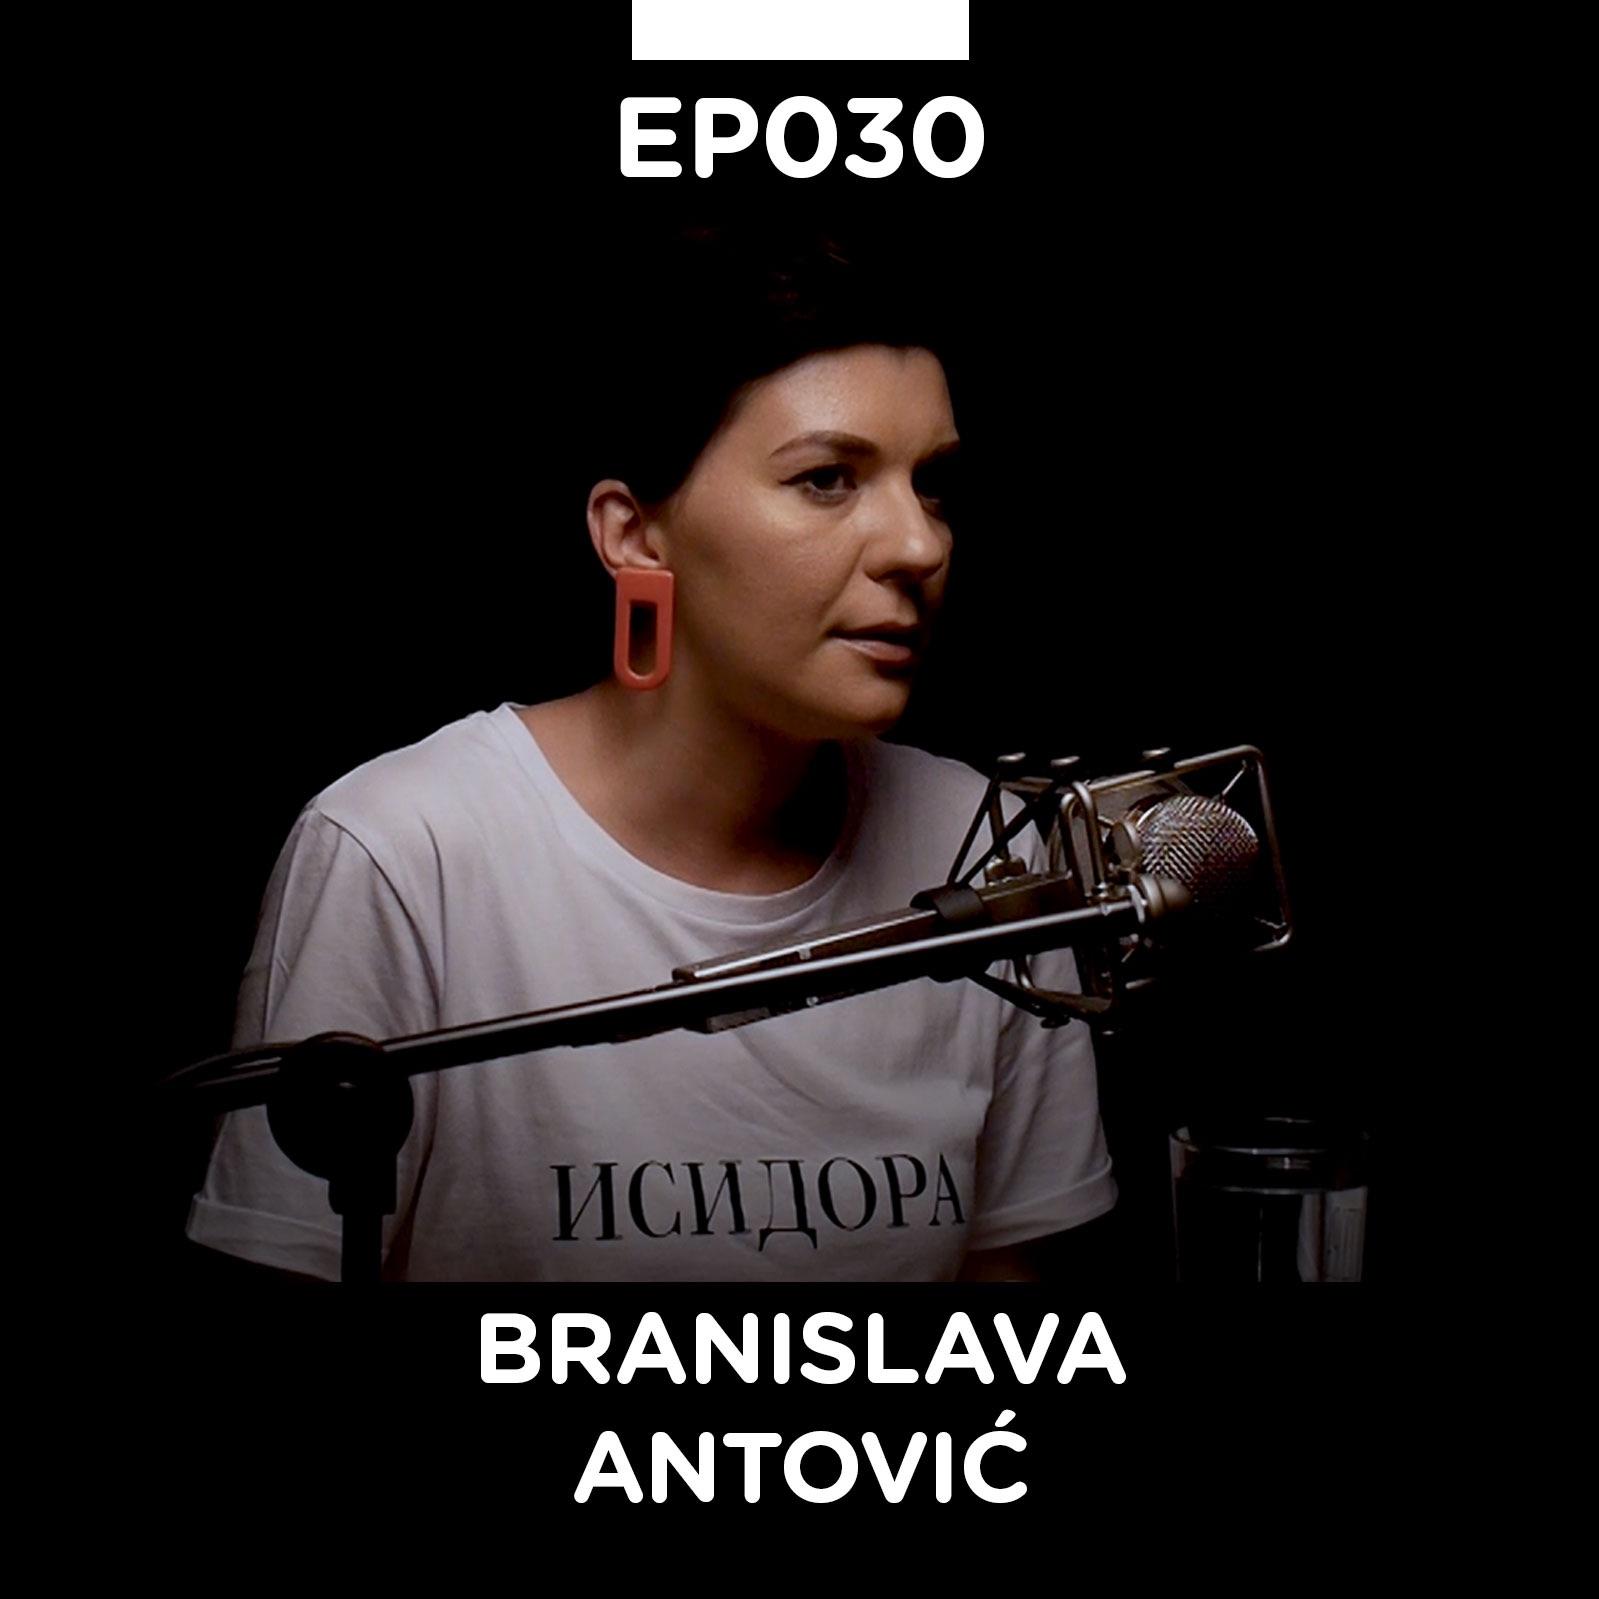 EP 030: Branislava Antović - Pojačalo podcast